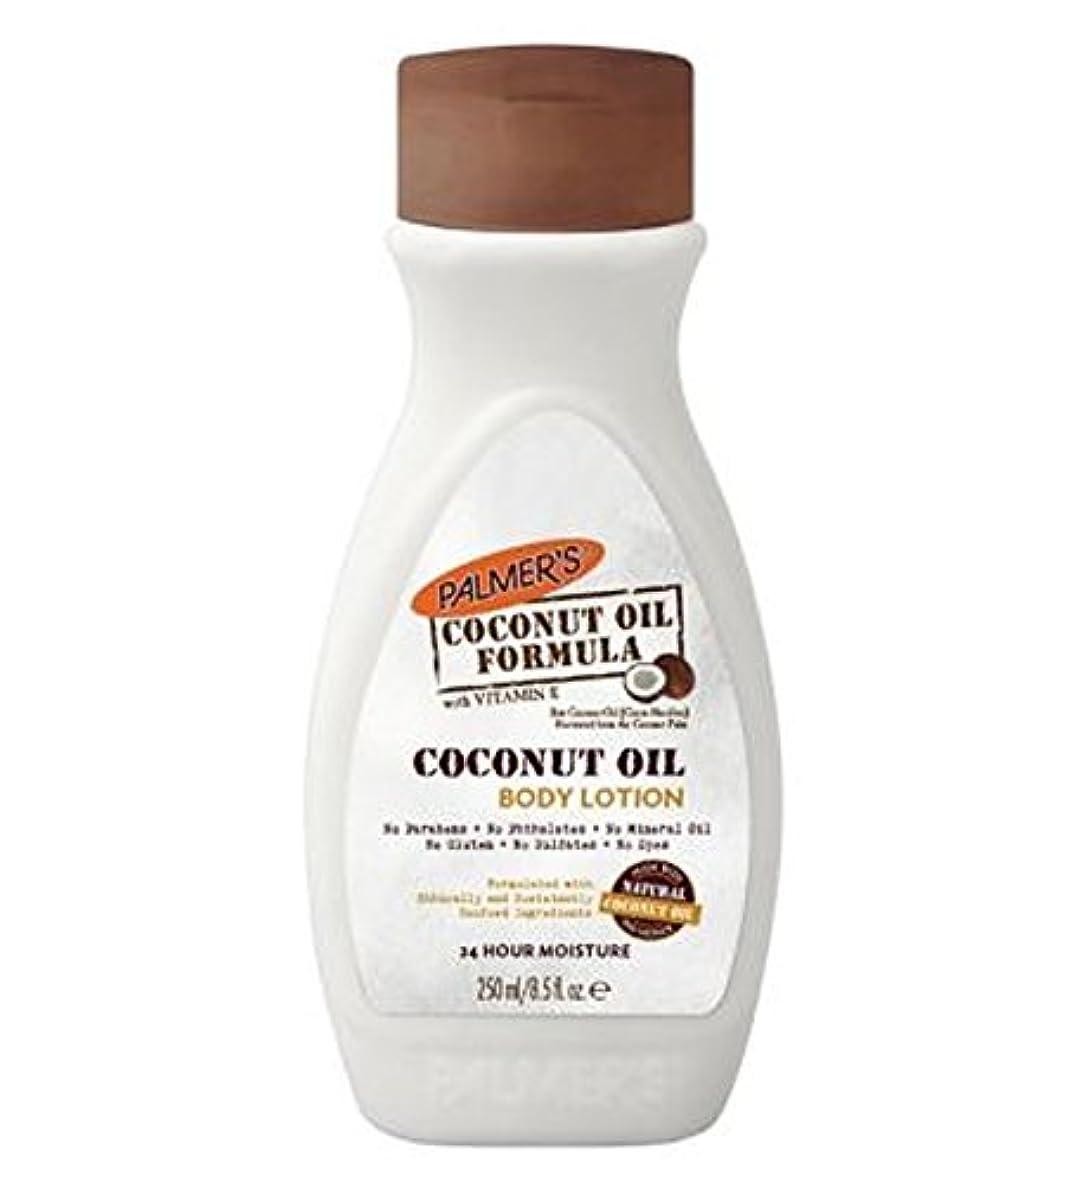 ダッシュバランス押し下げるPalmer's Coconut Oil Formula Body Lotion 250ml - パーマーのココナッツオイル式ボディローション250ミリリットル (Palmer's) [並行輸入品]